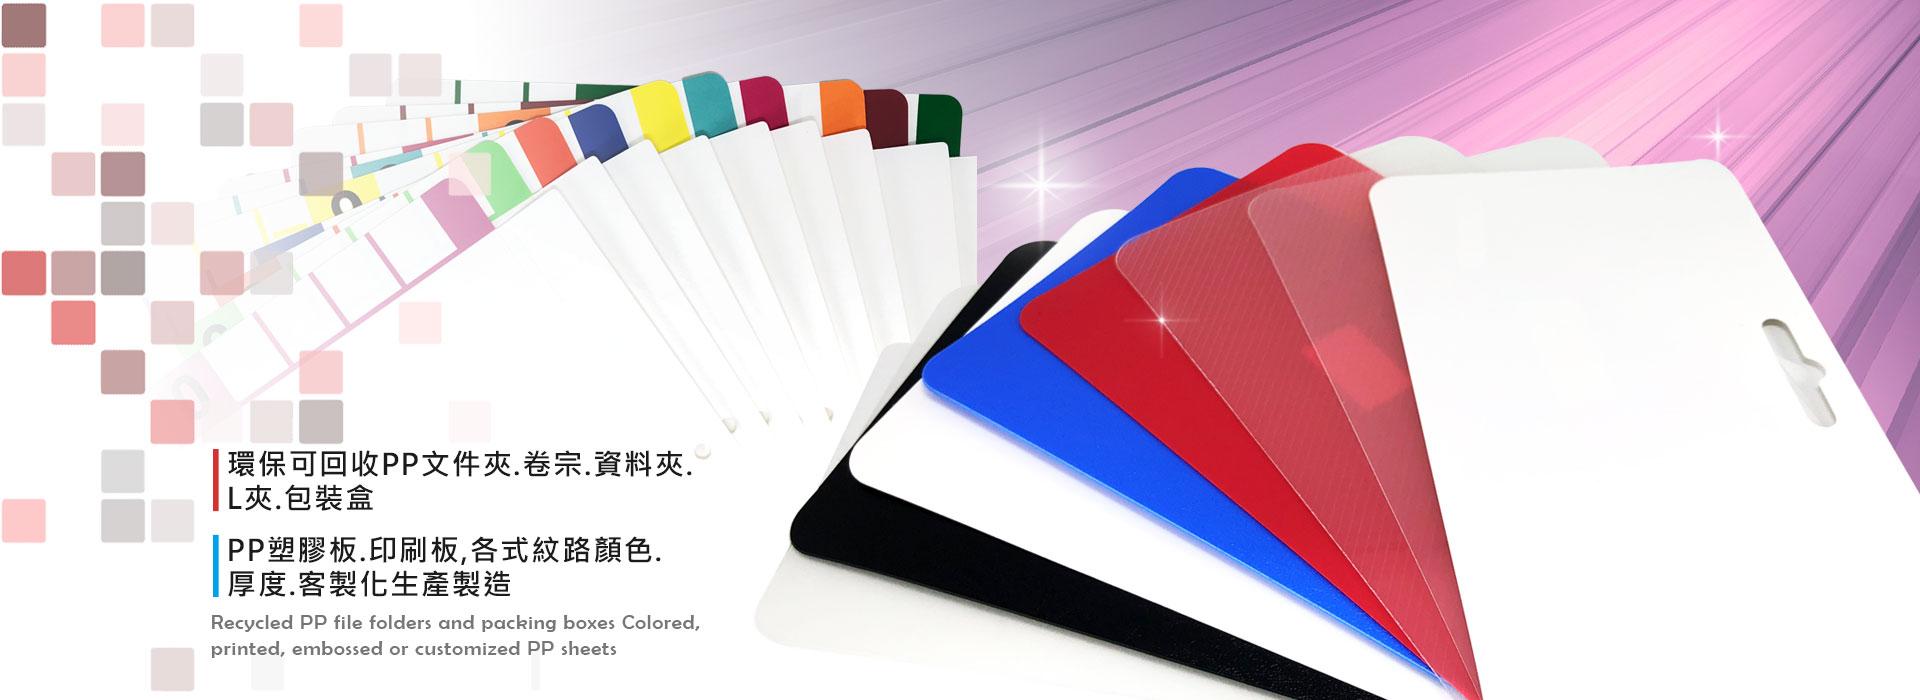 杉元實業,PP塑膠,文件夾L夾,板印刷板,各式紋路顏色厚度.客製化生產